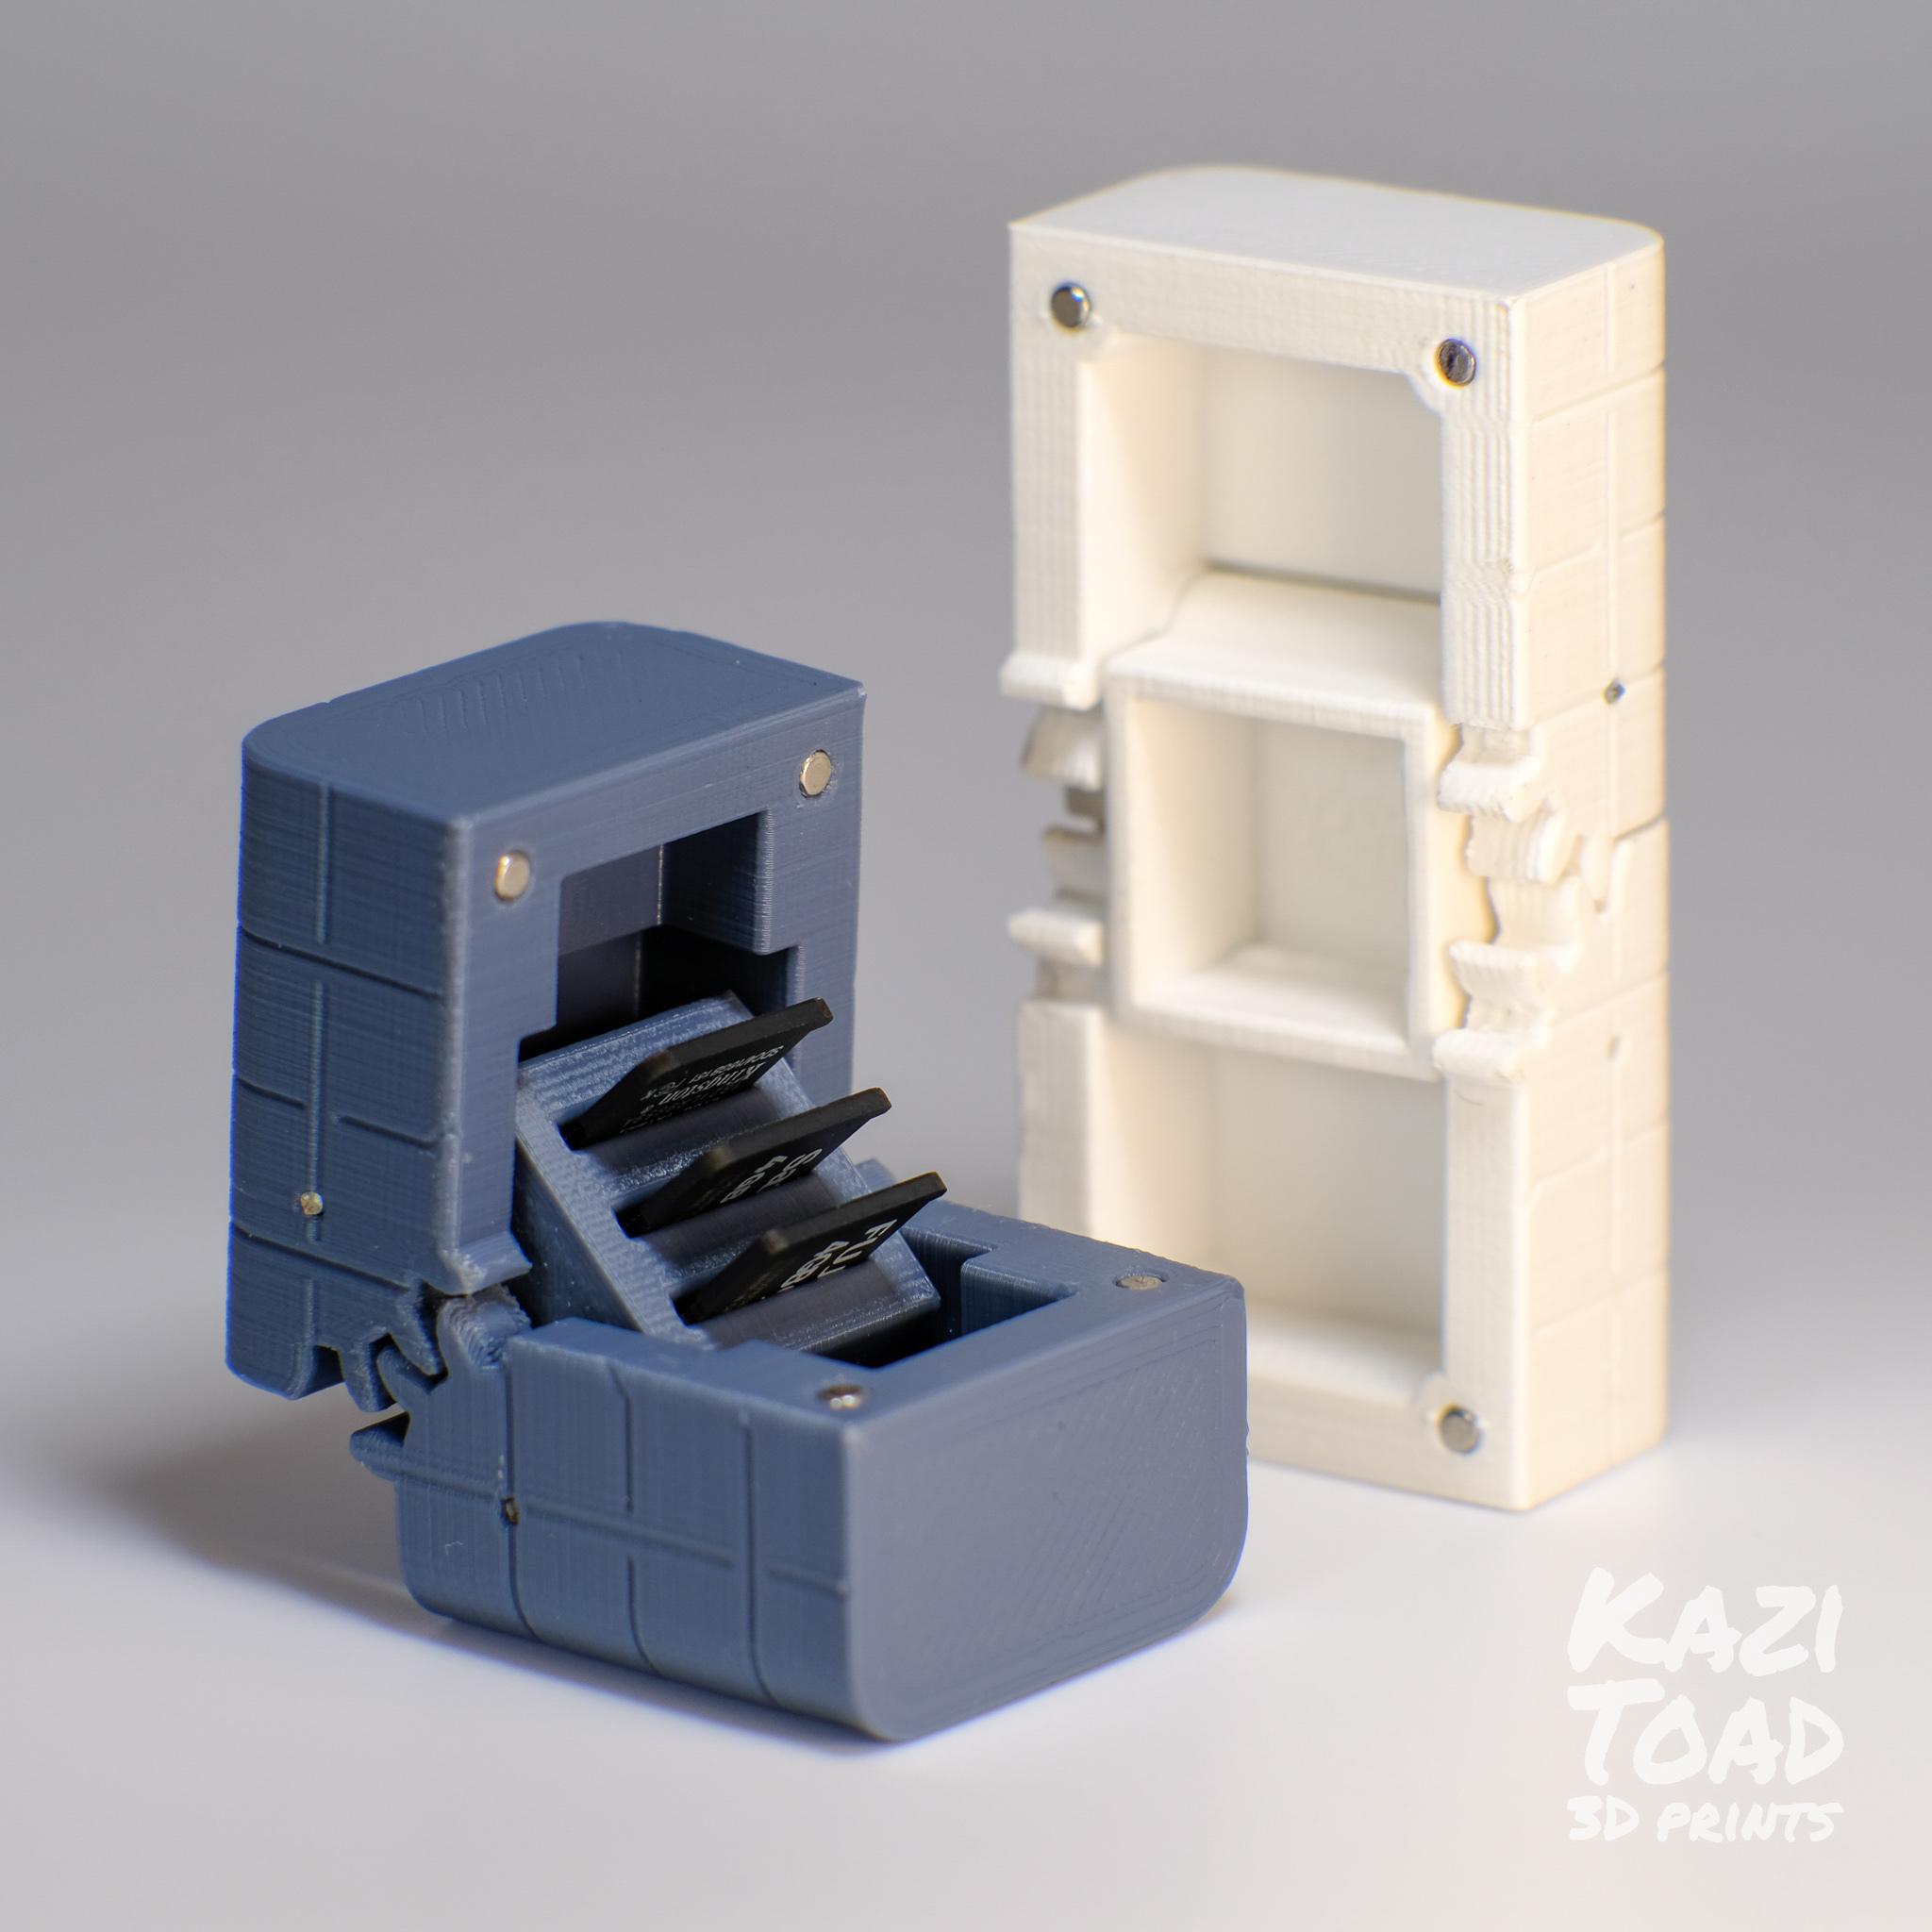 both.jpg Télécharger fichier STL Etuis à microprocesseur : pour les cartes micro SD et autres petits objets • Design imprimable en 3D, KaziToad